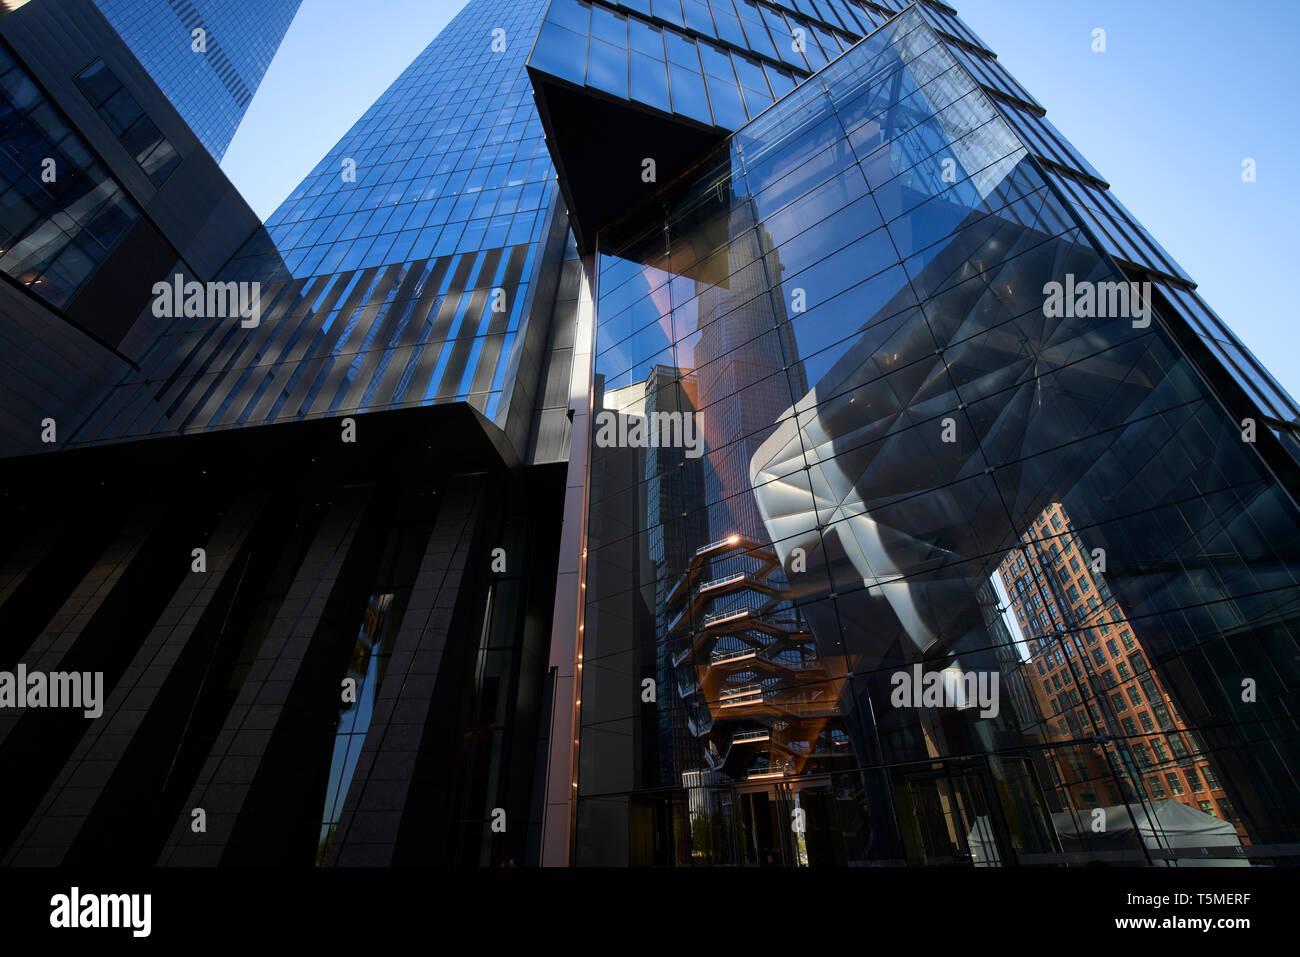 Schiff interaktive Kunstwerke und der Schuppen beweglichen Dach in hohen wider - Aufstieg außen Glas in Hudson Yards, New York City Stockbild